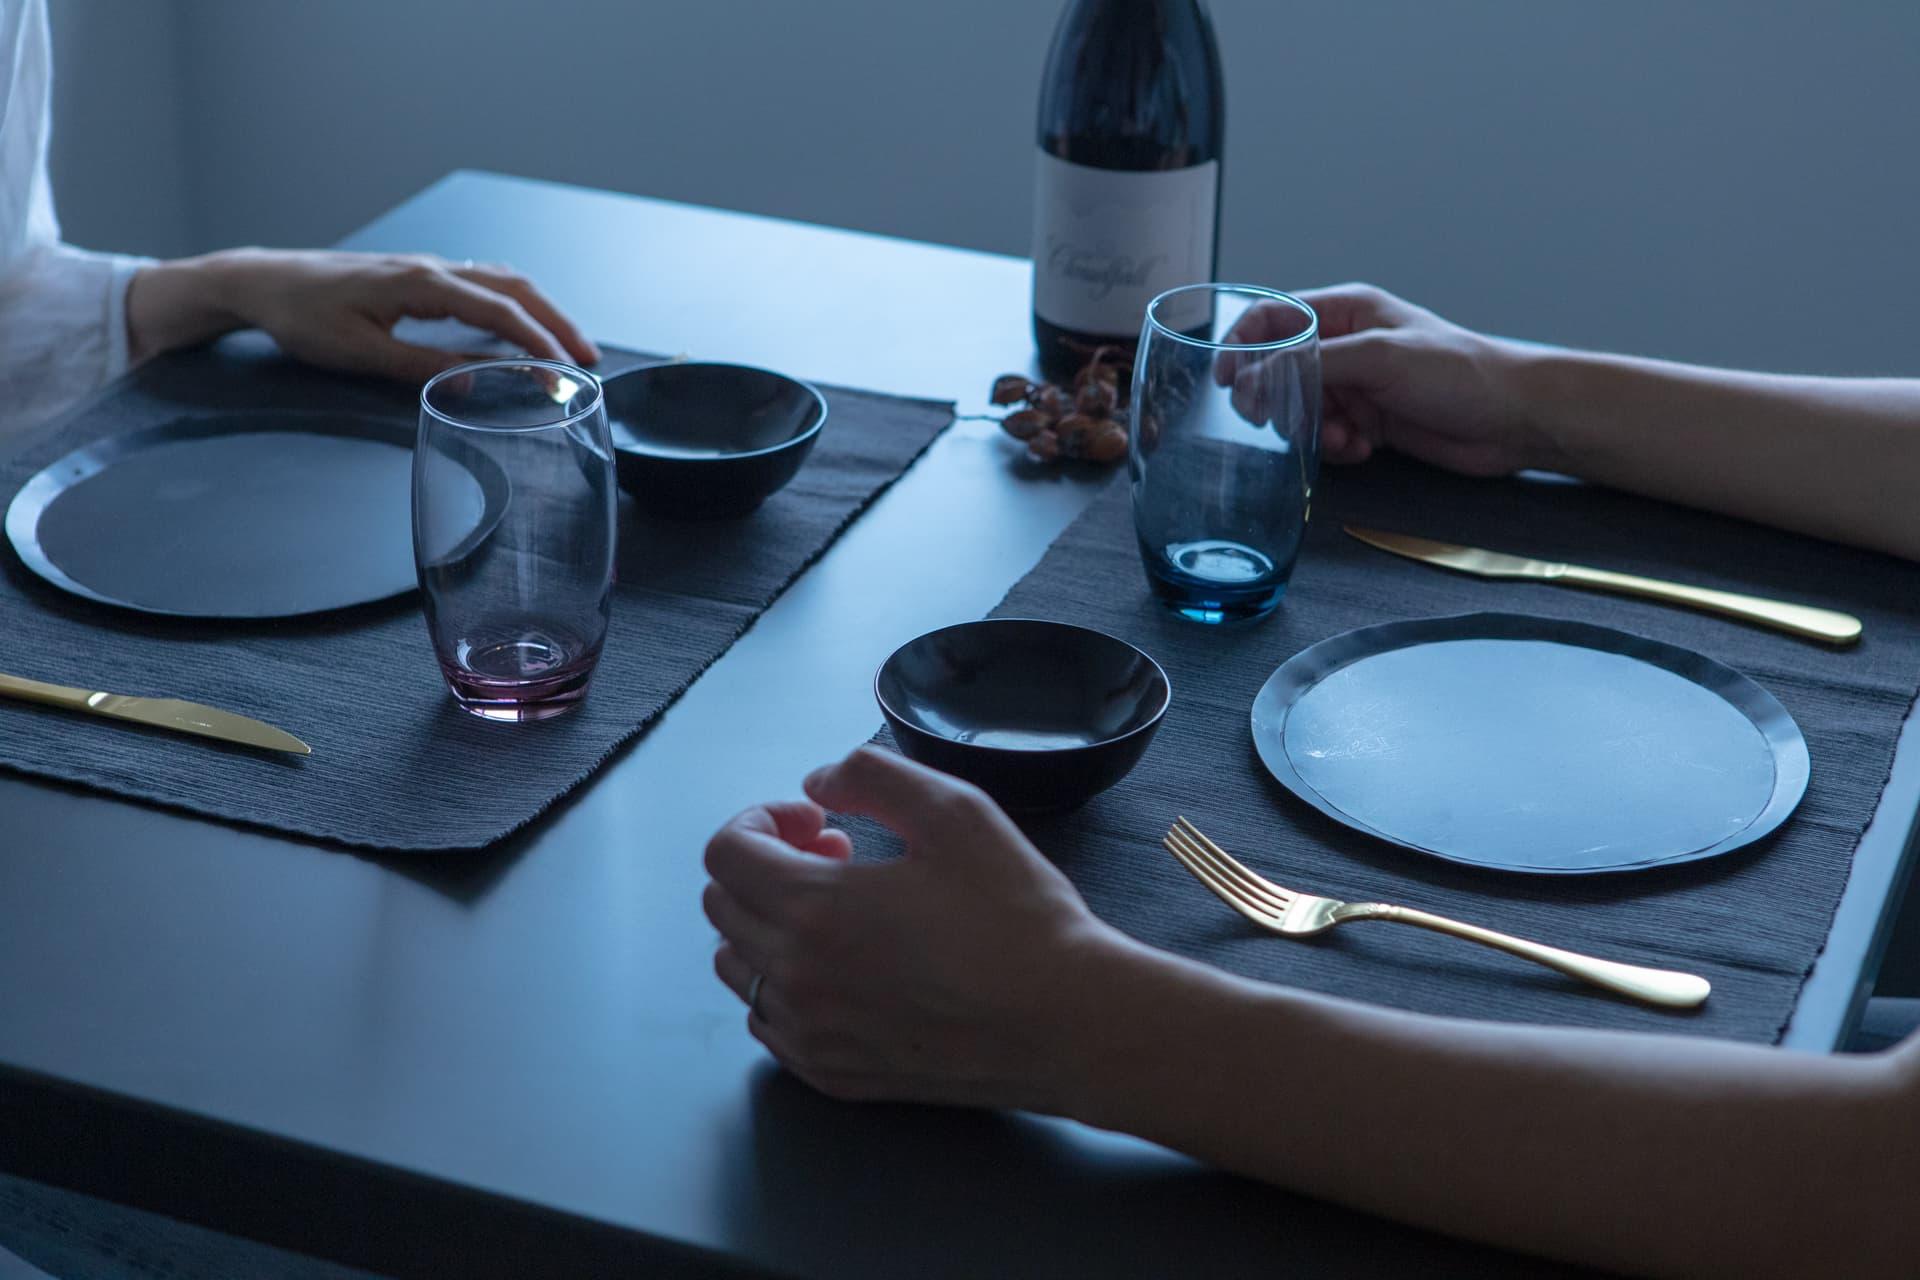 黒でまとめたダイニングテーブルと金のカラトリー